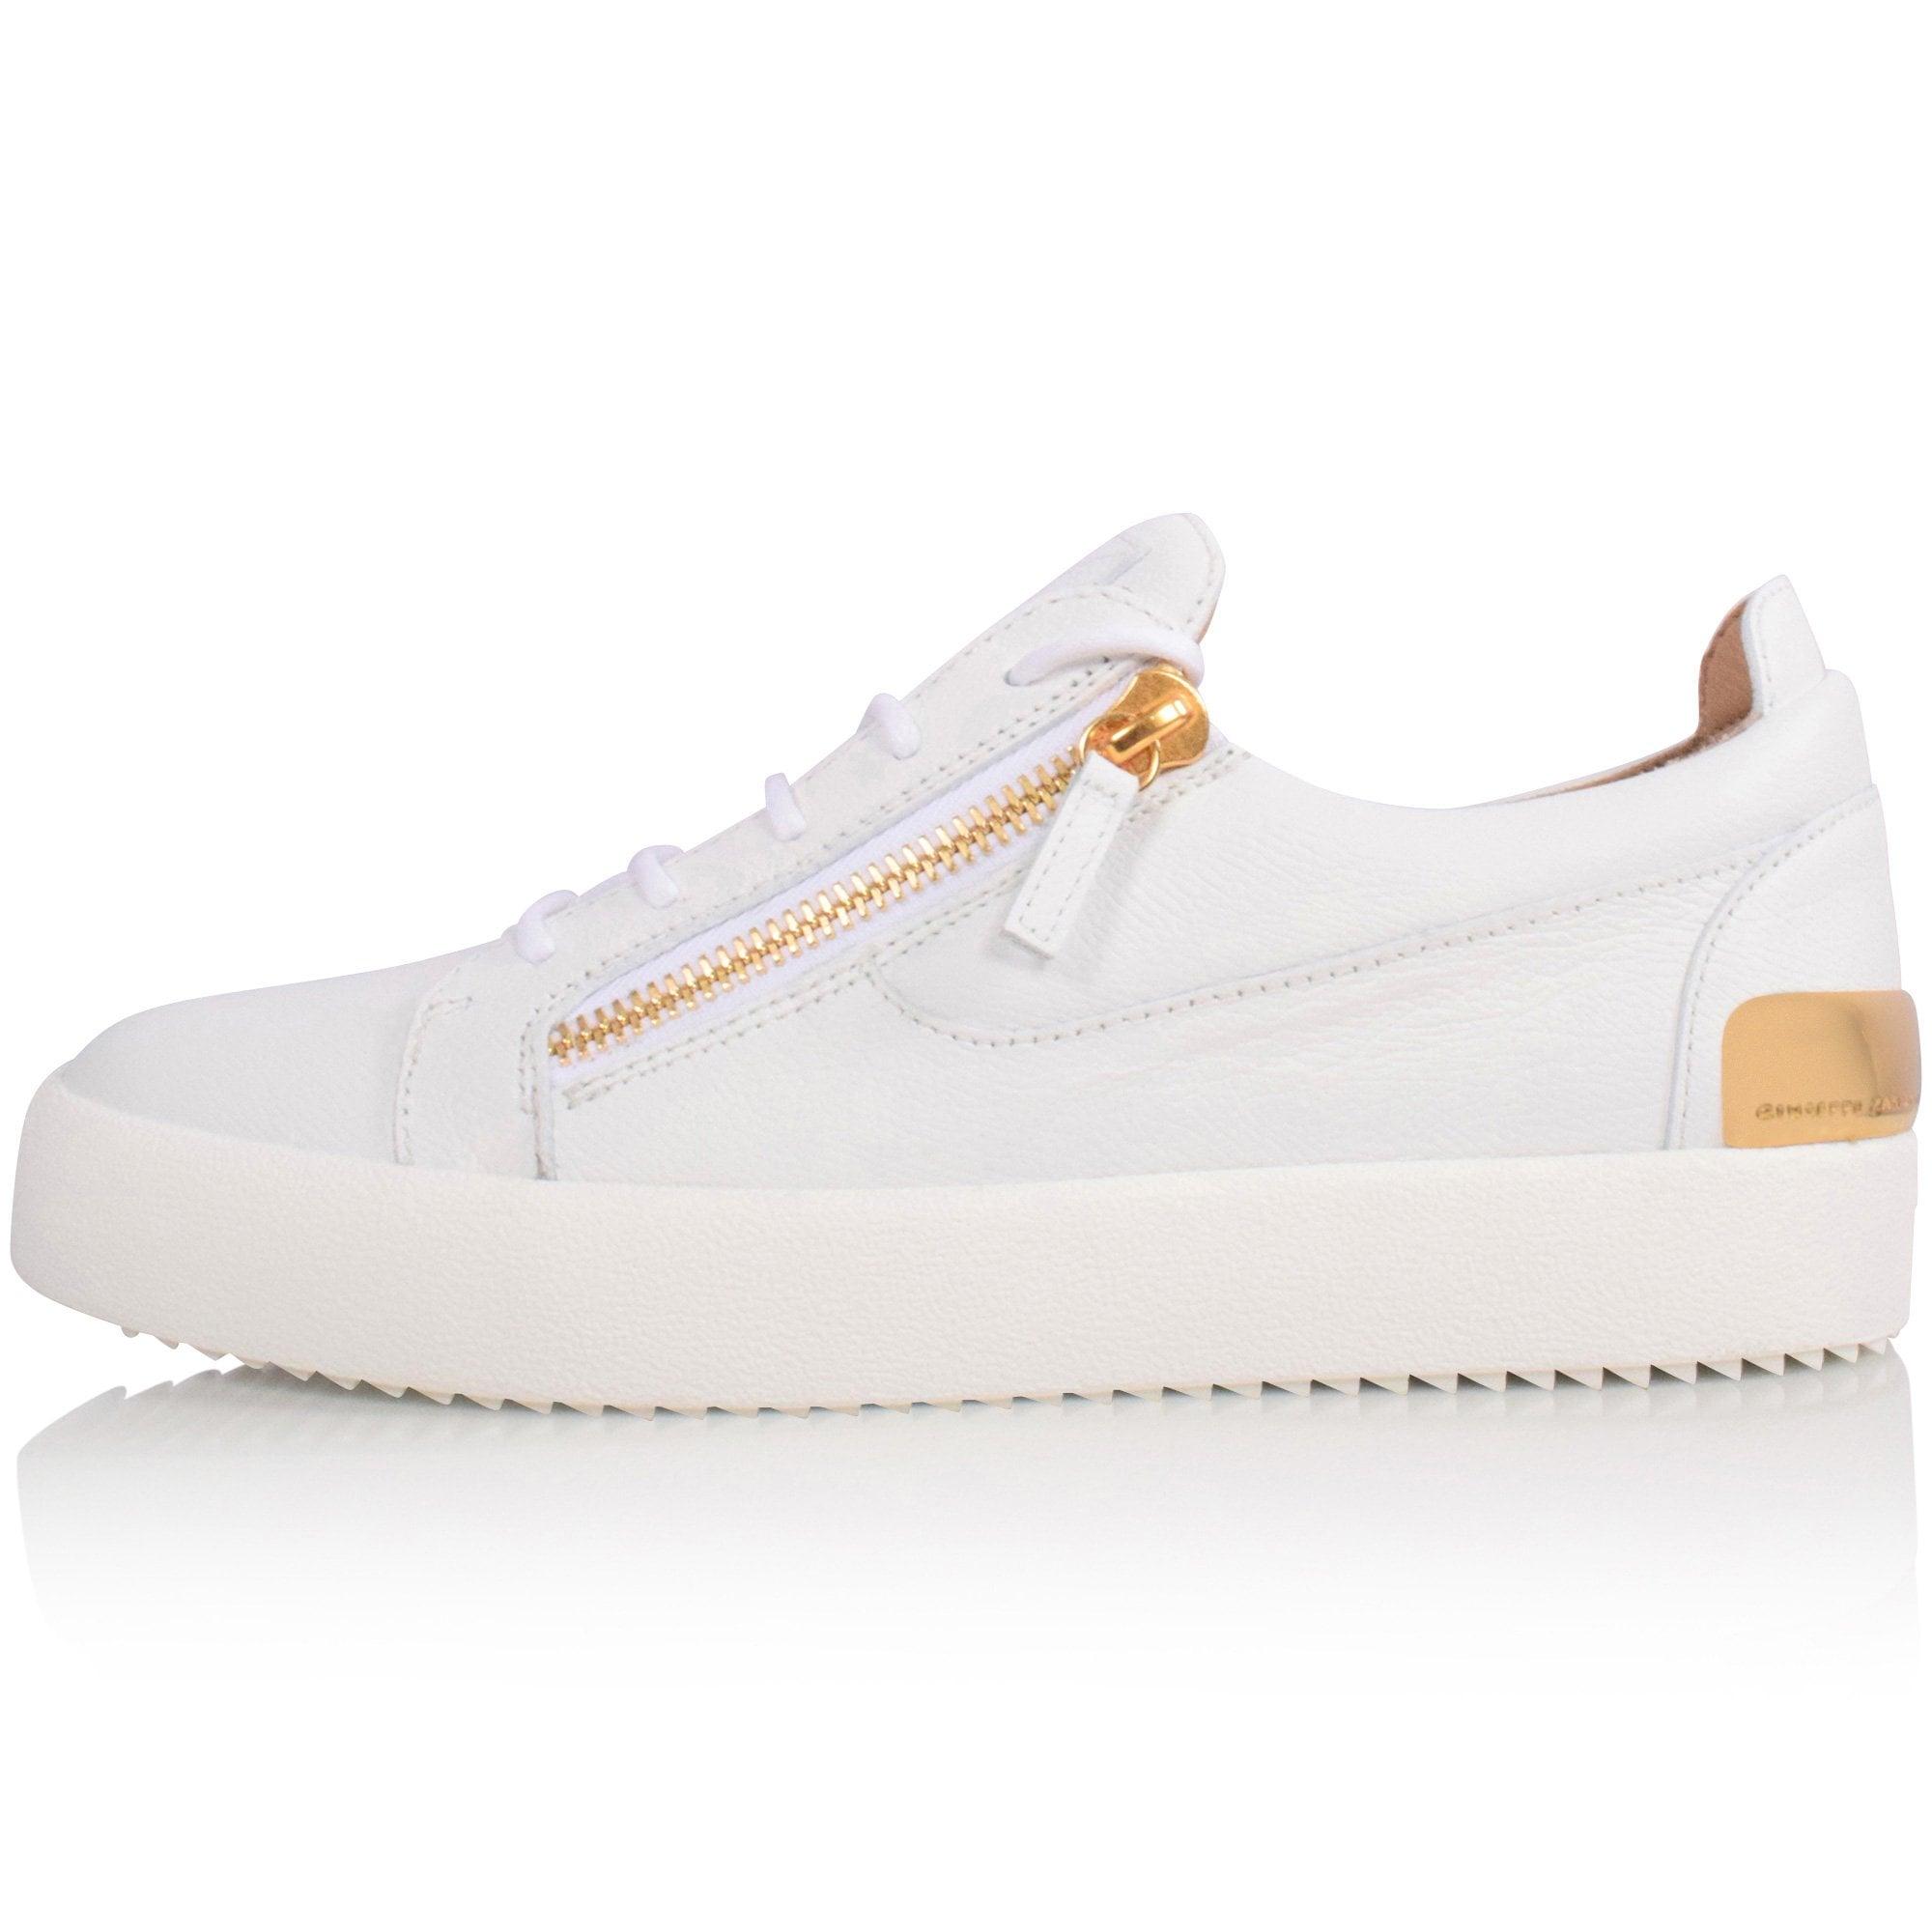 GIUSEPPE ZANOTTI White/Gold Frankie